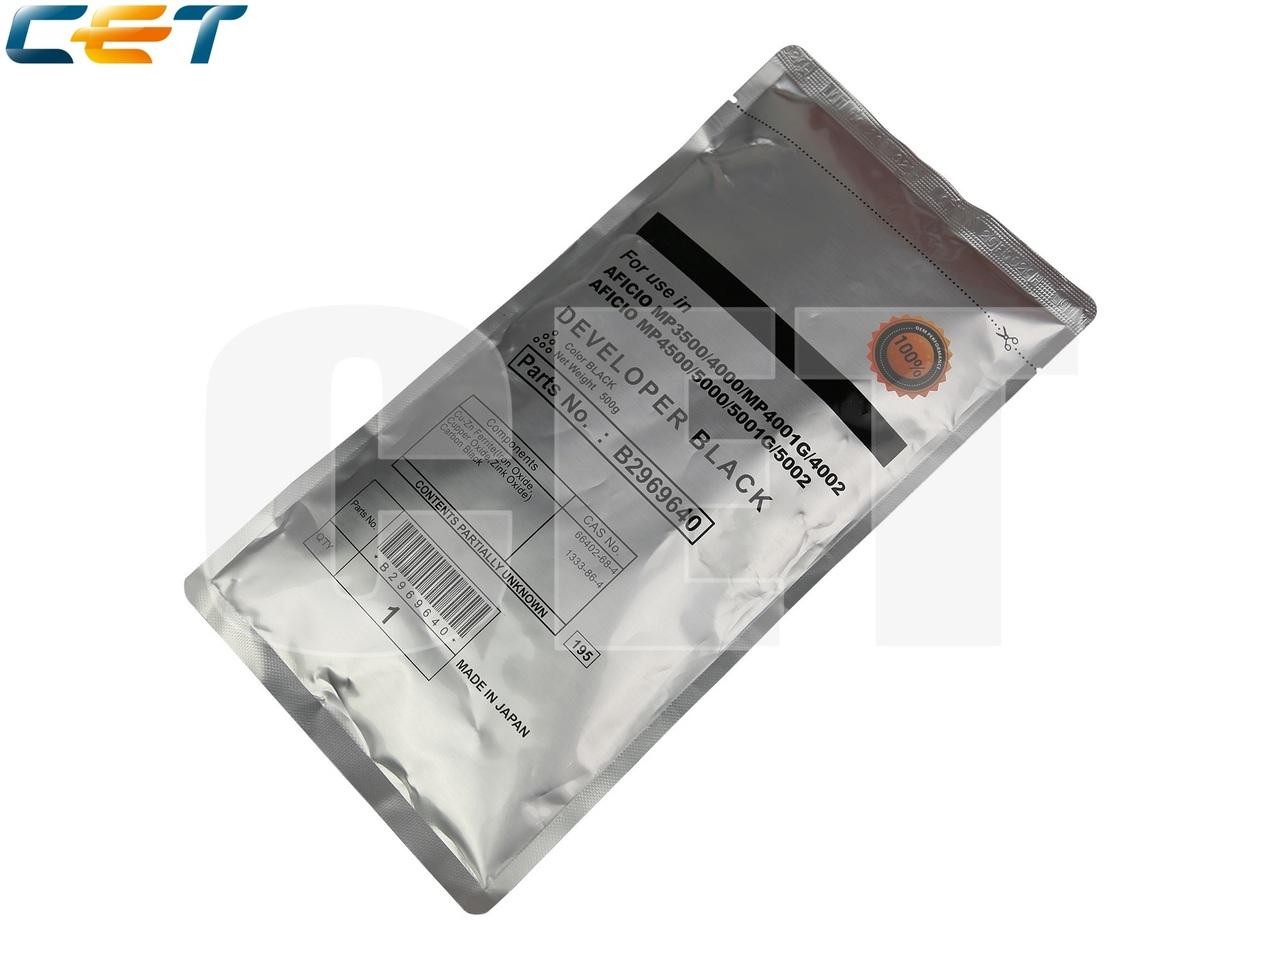 Девелопер для RICOH AficioMP3500/MP4000/MP4001G/MP4002/MP4500/MP5000/MP5001G/MP5002 (CET), 500г/пак, 200000 стр., CET8107N